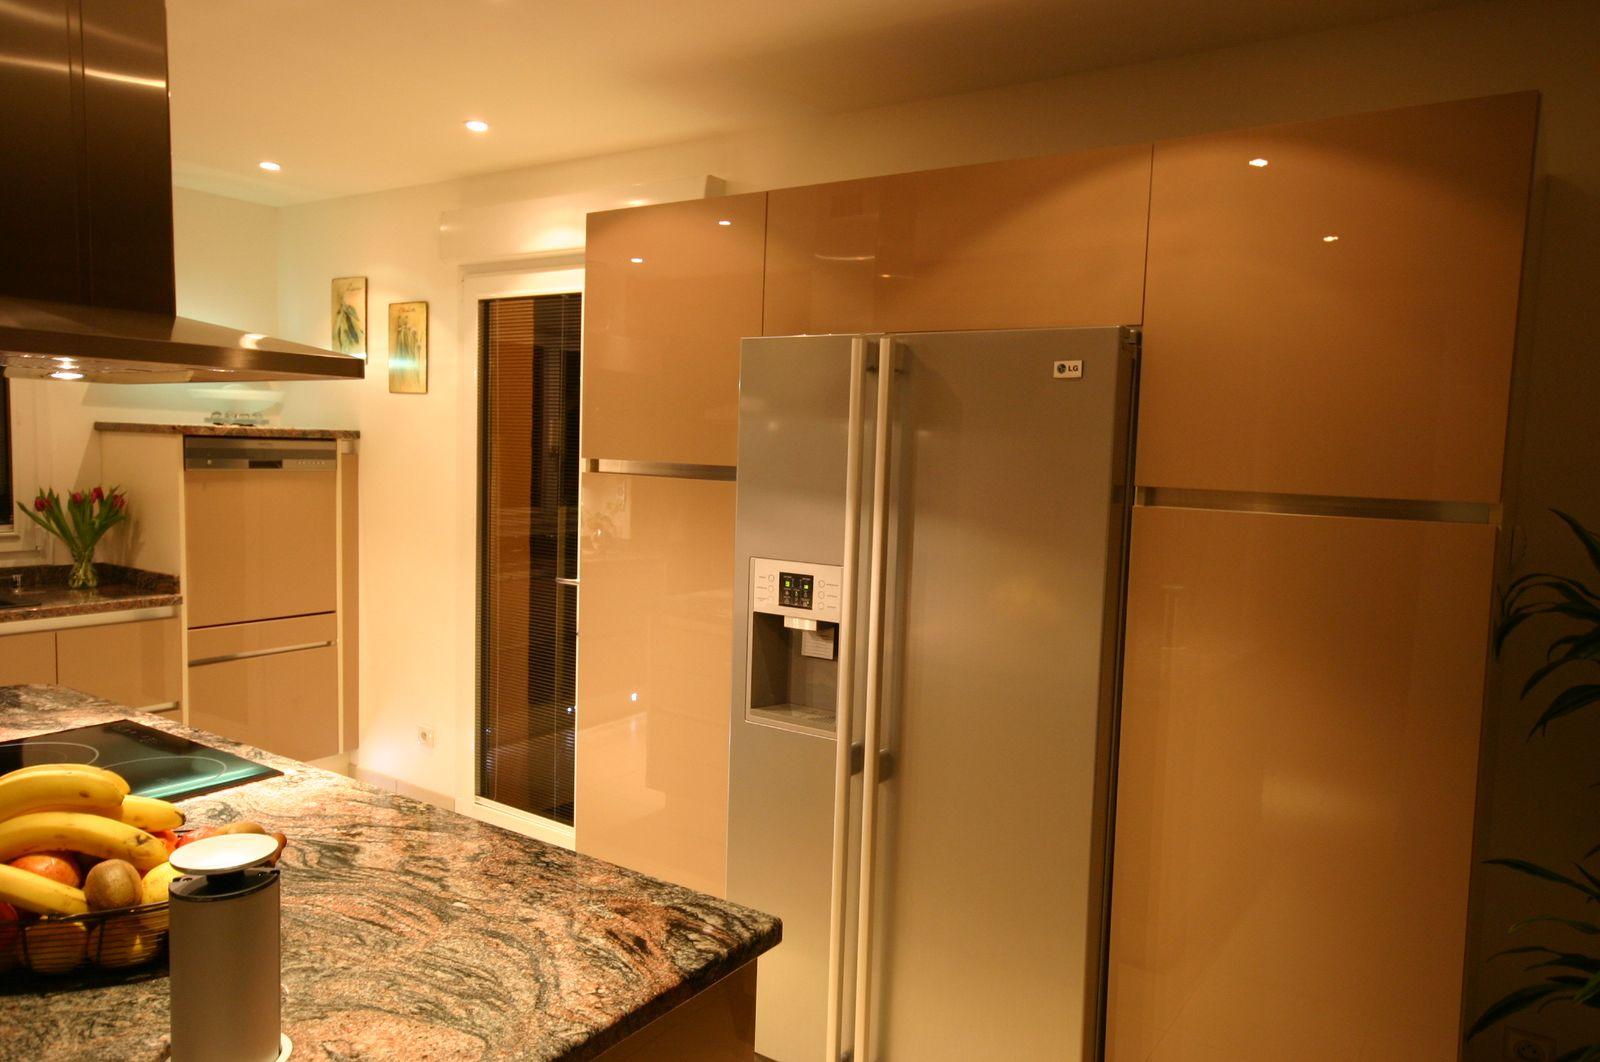 pourquoi choisir un frigo am ricain pour sa cuisine. Black Bedroom Furniture Sets. Home Design Ideas